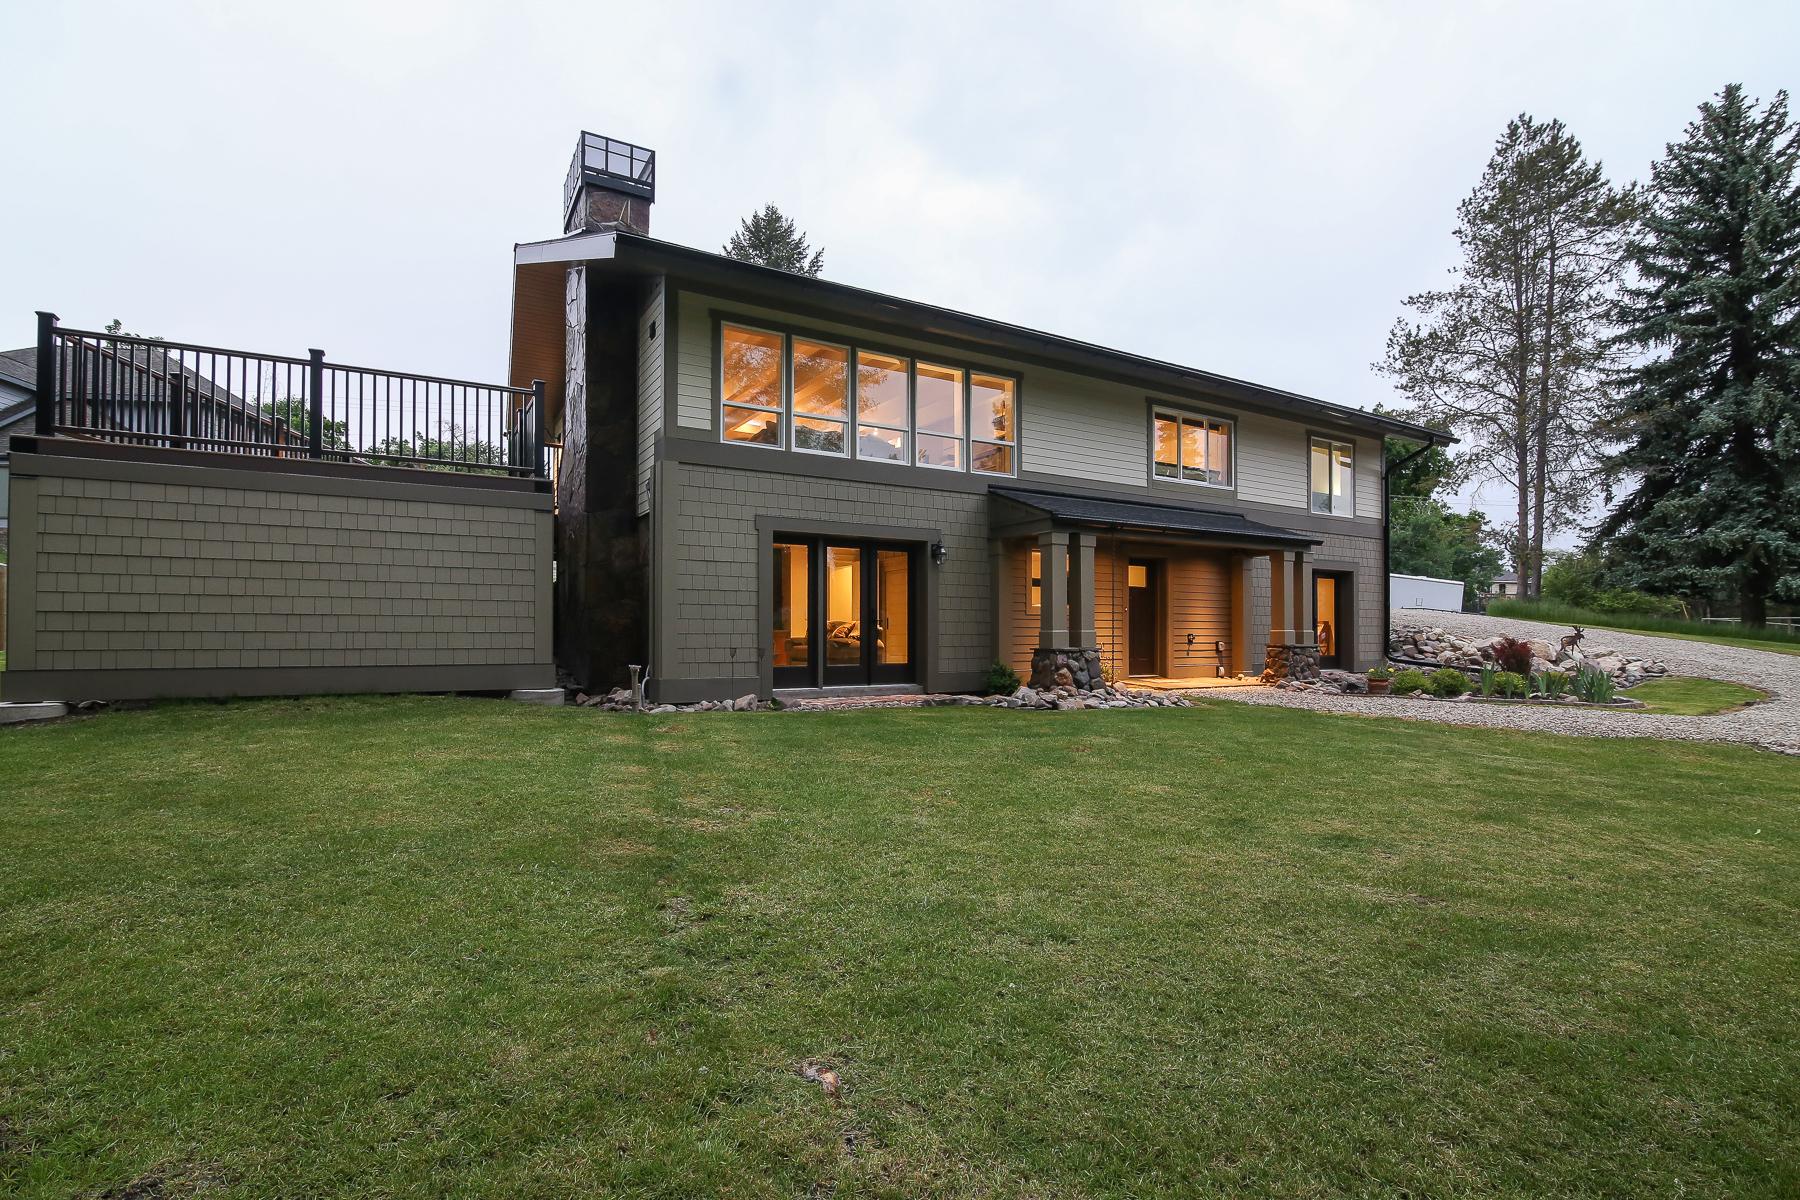 Casa para uma família para Venda às 125 Hillcrest Loop , Missoula, MT 59803 125 Hillcrest Loop Missoula, Montana, 59803 Estados Unidos